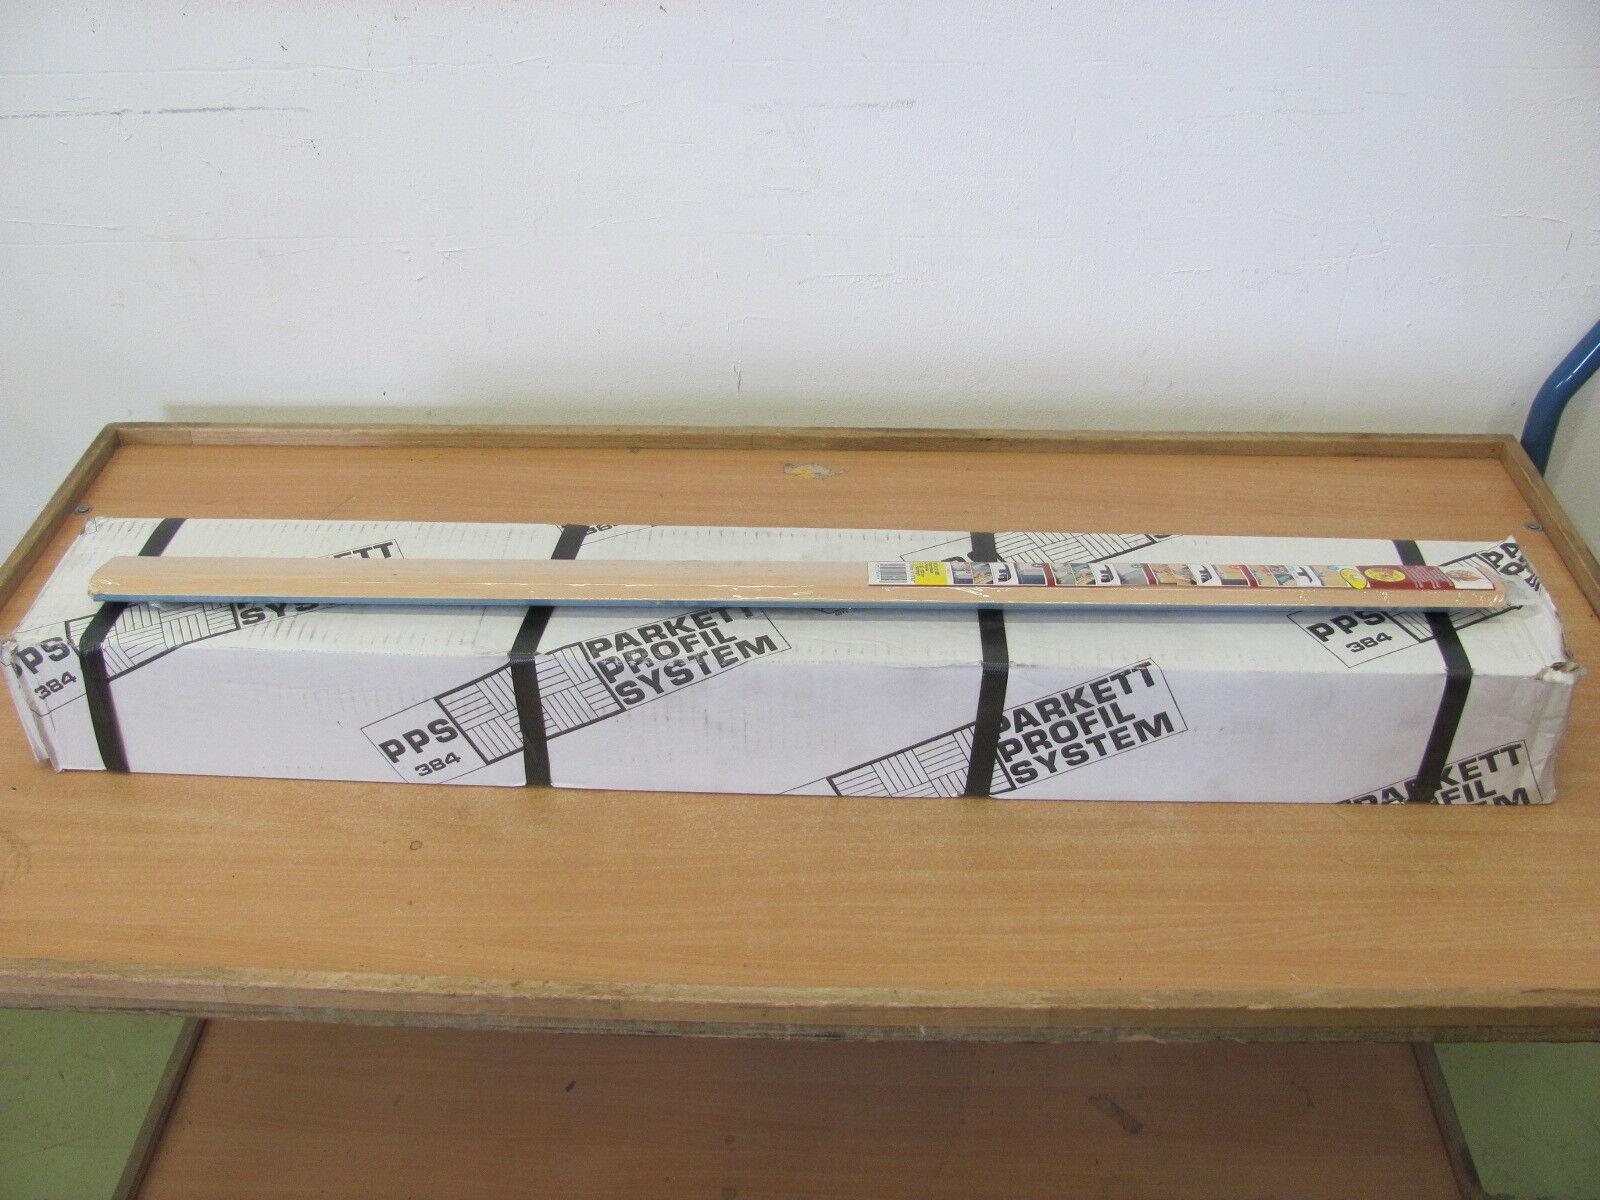 1m - 10 Stk. FN One 4 All - Bodenprofil Art 511889 Ahorn 12x52x900mm Parkett